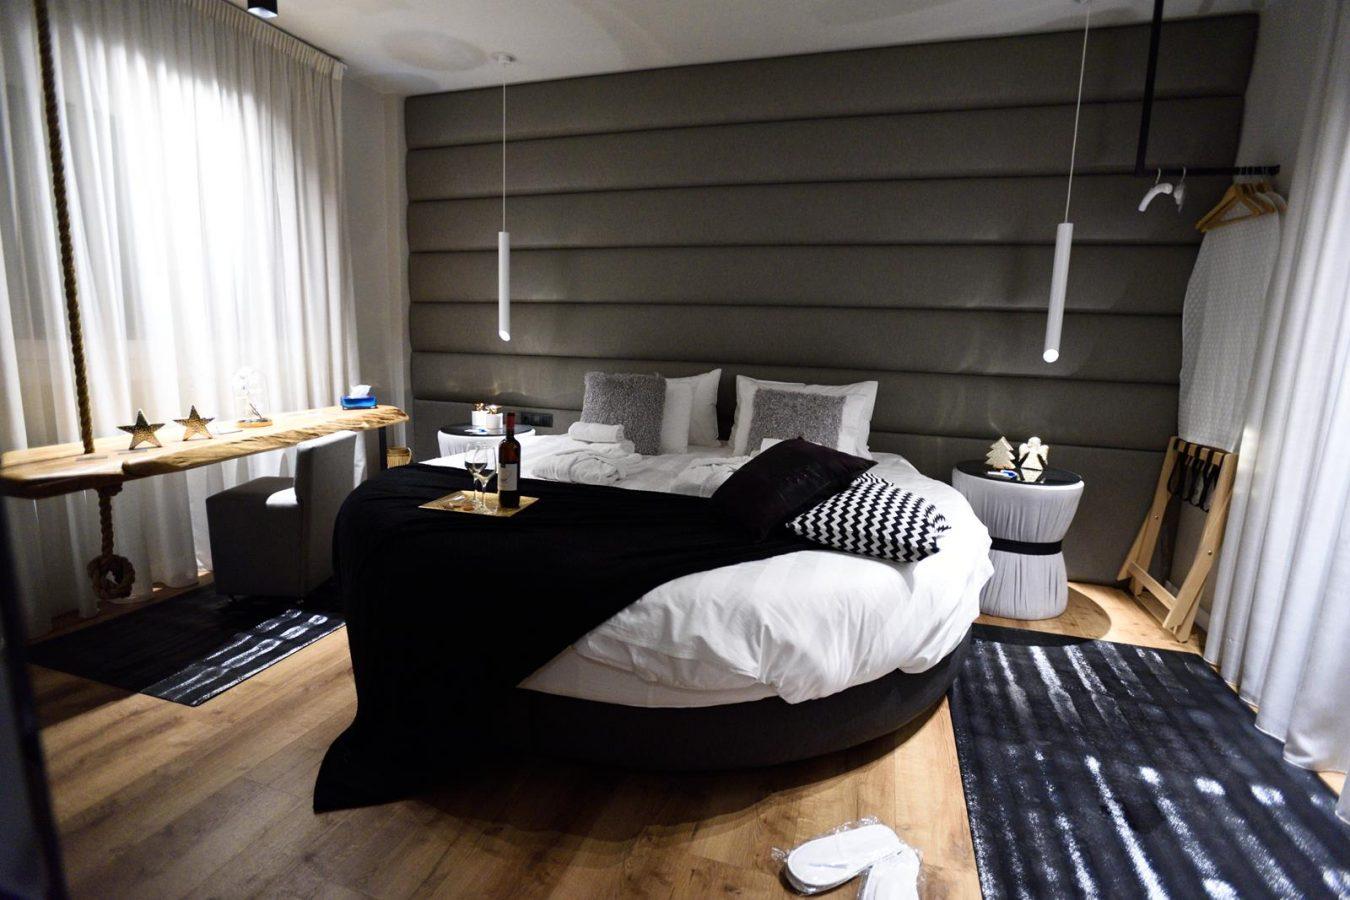 θεσσαλονικη σουιτες- magnifique luxury suites